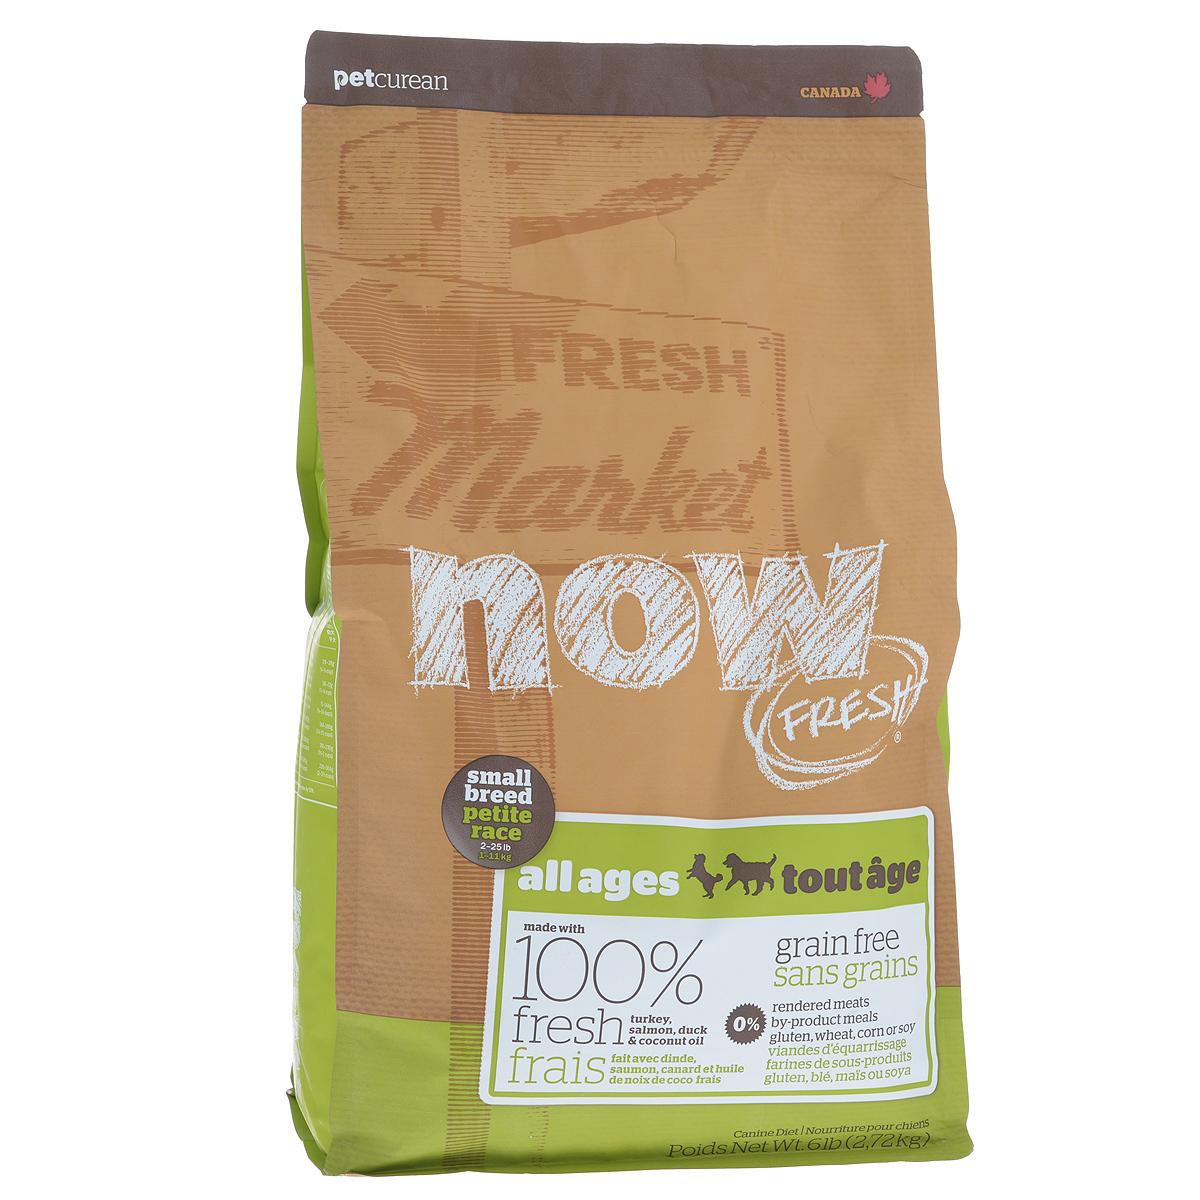 Корм сухой Now Fresh для малых пород собак всех возрастов, беззерновой, с индейкой, уткой и овощами, 2,72 кг10117Now Fresh - полностью сбалансированный холистик корм из свежего филе индейки и утки, выращенных на канадских фермах. Рекомендован для малых пород всех возрастов: для щенков, для взрослых и для активных собак, и для пожилых собак. Это первый беззерновой корм со сбалансированным содержание белков и жиров. Ключевые преимущества: - не содержит субпродуктов, красителей, говядины, мясных ингредиентов, выращенных на гормонах, - гранулы благодаря своей форме бережно очищают зубы, люцерна в составе корма освежает дыхание, - пробиотики и пребиотики обеспечивают здоровое пищеварение, - маленький размер гранул способствует лучшему захвату корма, - докозагексаеновая кислота (DHA) и эйкозапентаеновая кислота (EPA) необходима для нормальной деятельности мозга и здорового зрения, - омега-масла в составе необходимы для здоровой кожи и шерсти, - антиоксиданты укрепляют иммунную систему. Состав: филе индейки, картофель, свежие цельные яйца, горох, льняное семя, яблоки, масло канолы (источник витамина Е), натуральный ароматизатор, утиное филе, филе лосося, кокосовое масло (источник витамина Е), томаты, сушеная люцерна, морковь, тыква, бананы, черника, клюква, малина, ежевика, папайя, ананас, грейпфрут, чечевица, брокколи, шпинат, творог, ростки люцерны, сушеные водоросли, карбонат кальция, дикальций фосфат, лецитин, триполифосфата натрия, хлорид натрия, хлористый калий, витамины (витамин Е, L-аскорбил-2-полифосфатов (источник витамина С), никотиновая кислота, инозит, витамин А, тиамина мононитрат, пантотенатD-кальция, пиридоксина гидрохлорид, рибофлавин, бета-каротин, витамин D3, фолиевая кислота, биотин, витамин В12), минералы (цинка протеинат, сульфат железа, оксид цинка, железа протеинат, сульфат меди, меди протеинат, марганца протеинат, оксид марганца, йодат кальция, селена, дрожжи), таурин, DL-метионин, L-лизин, экстракт водорослей, высушенный корень цикория, Lactobacil